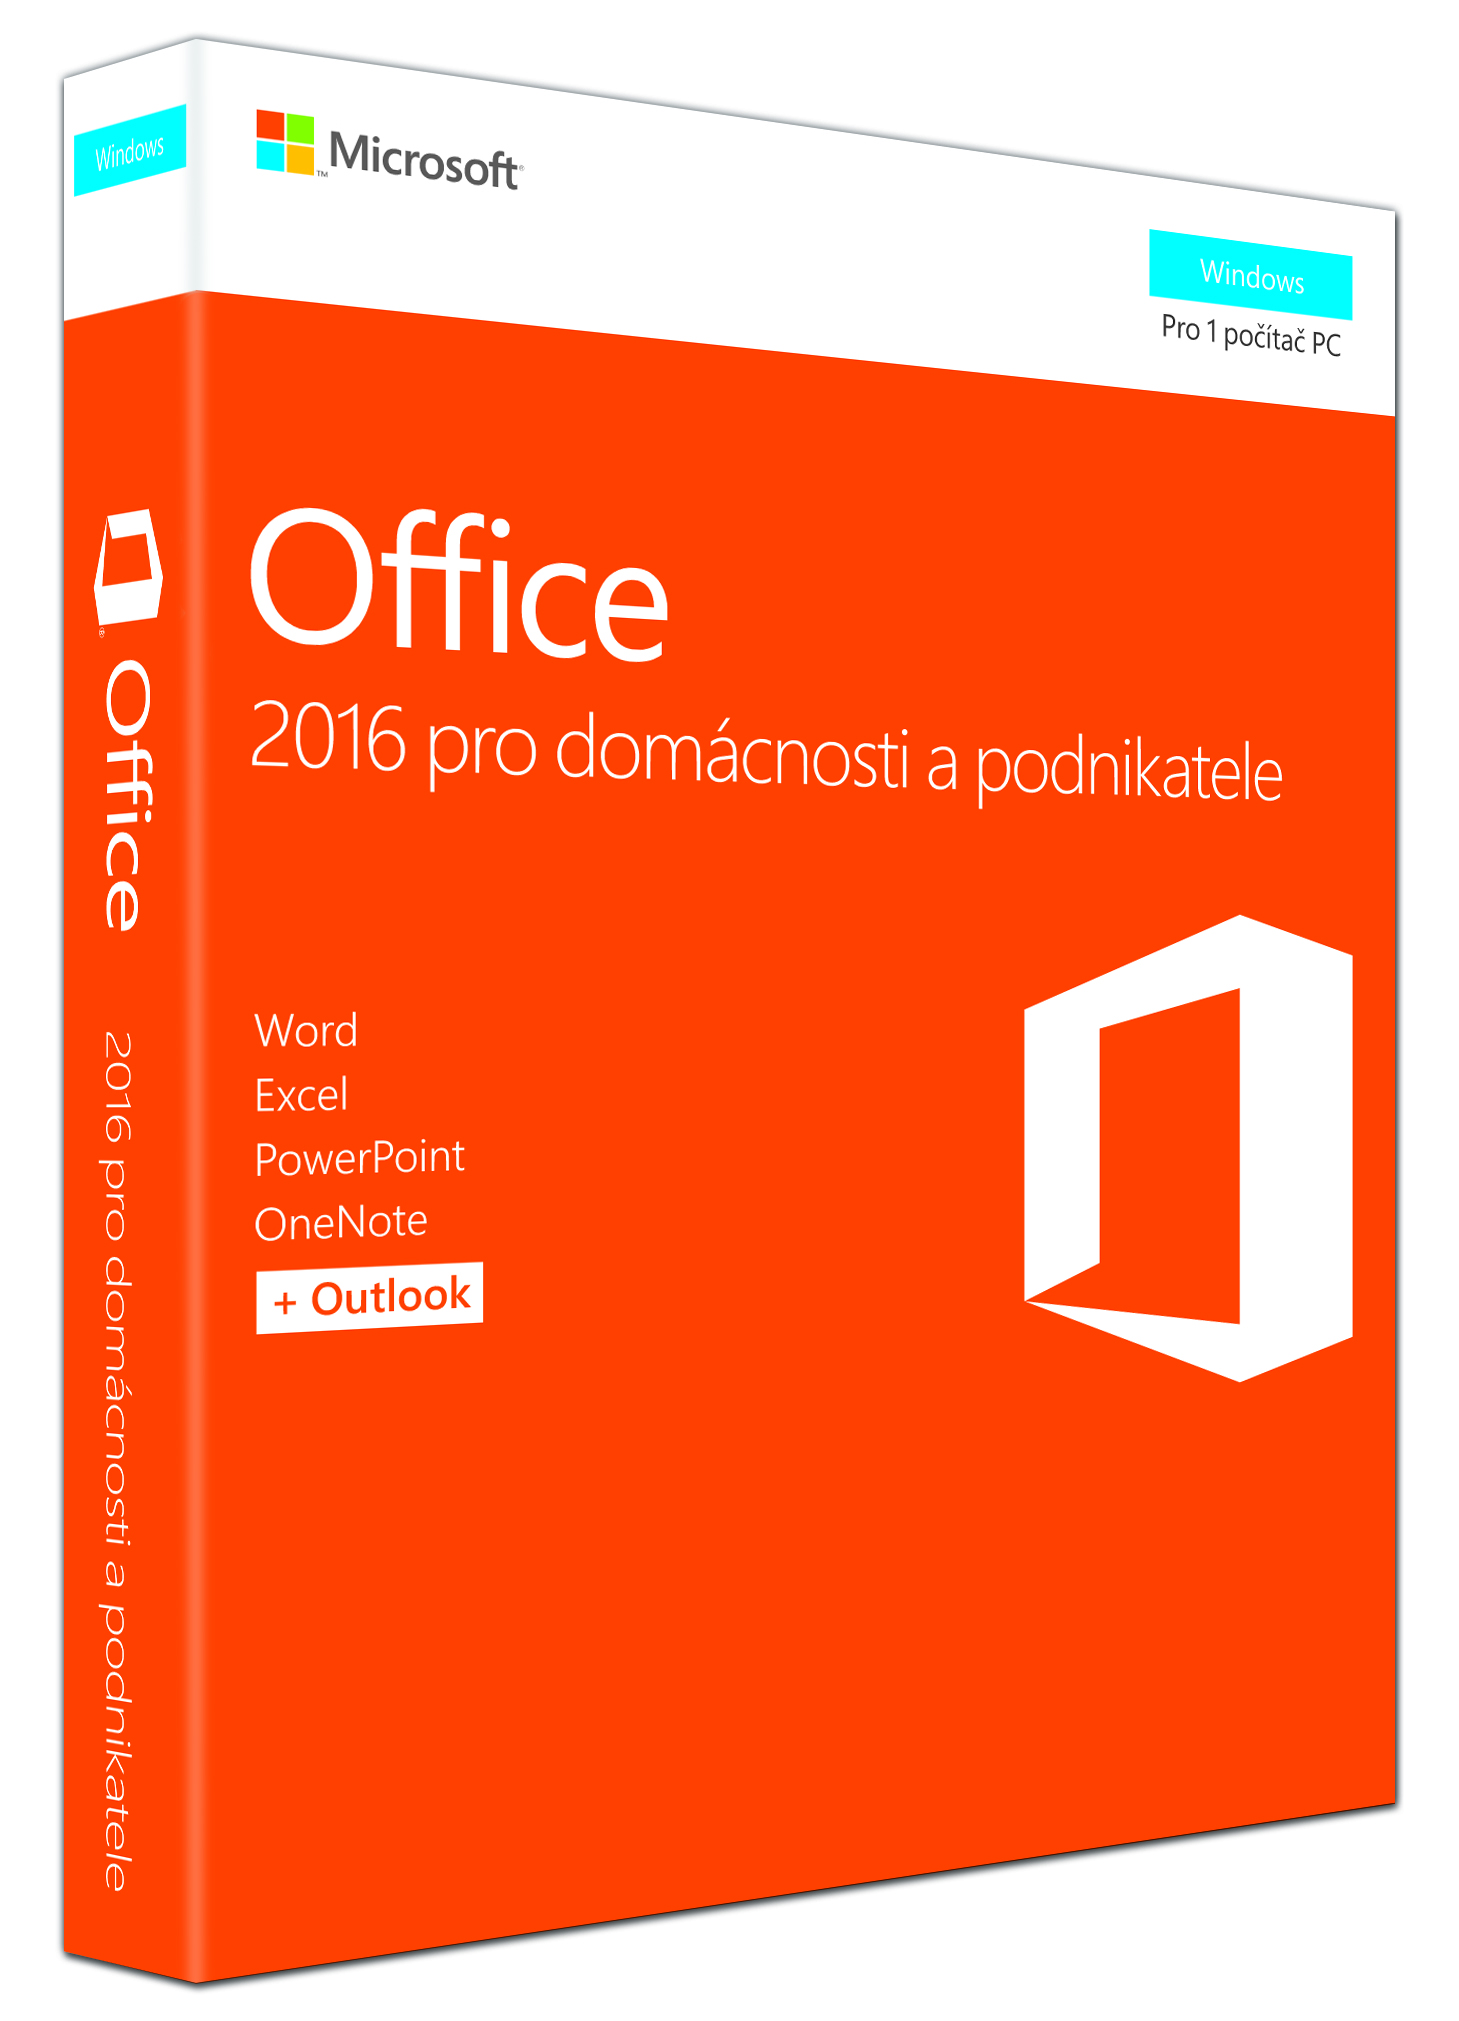 MS FPP Office 2016 pro domácnosti a podnikatele Win EN P2 - bez média